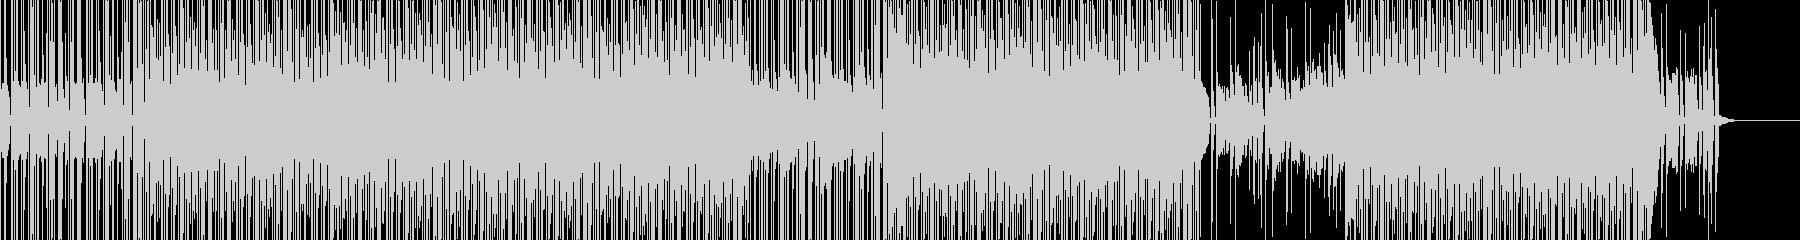 日常系80年代風テクノ・ポップの未再生の波形